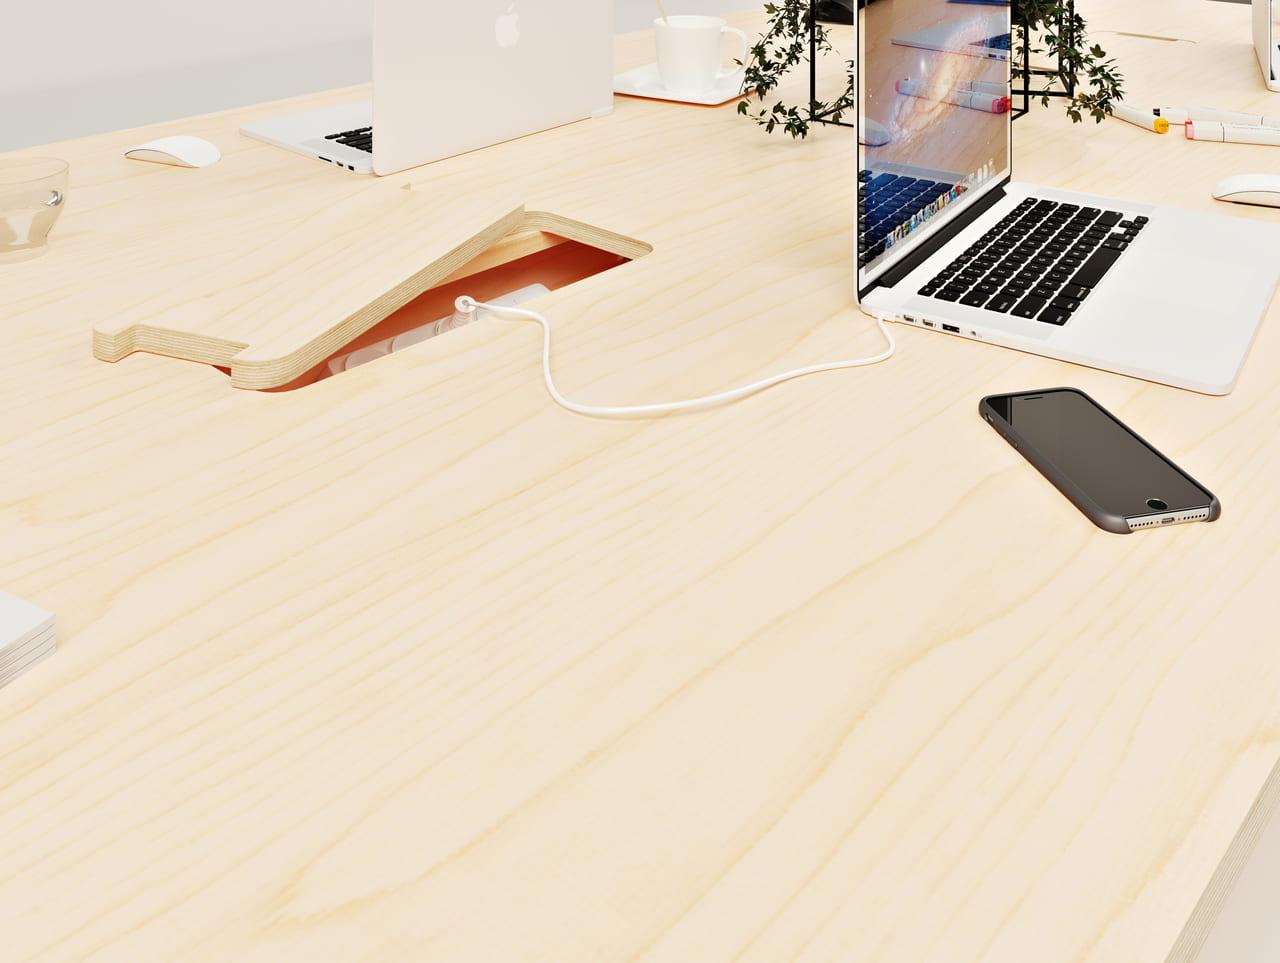 Bureau en bois avec trappes et branchements électriques